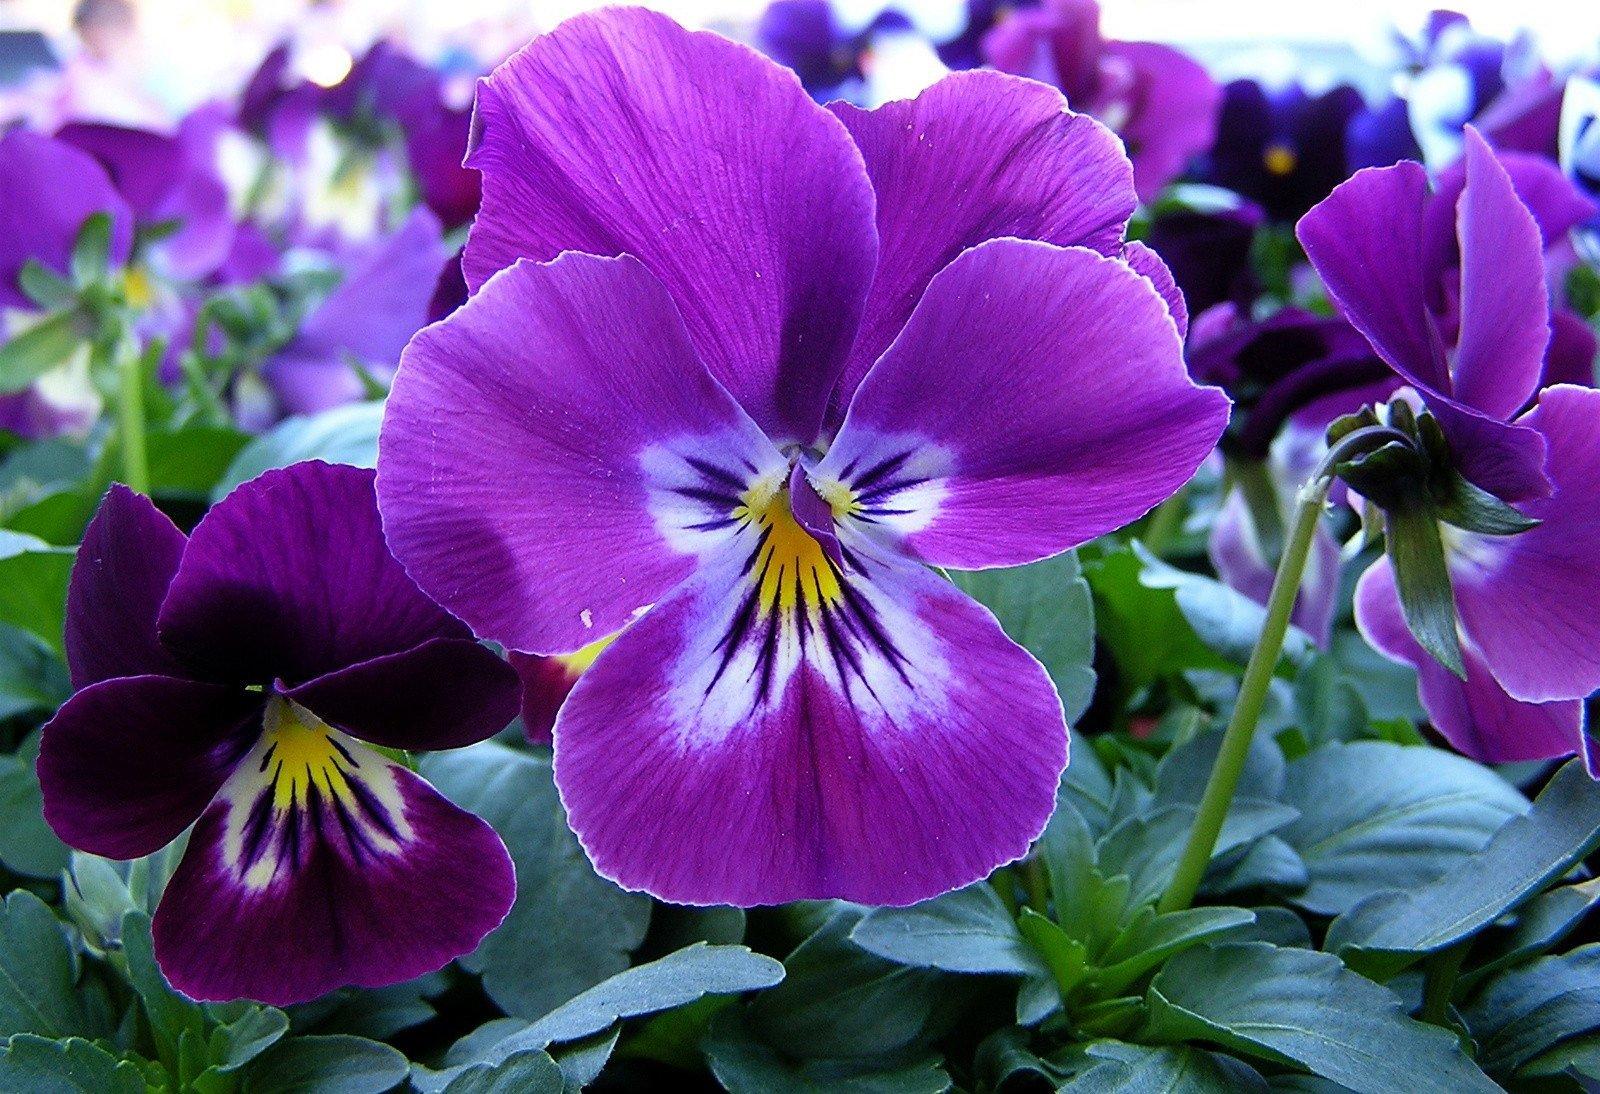 Flores púrpura glicinas en primavera Fotos stock e  - Imagenes De Flores Purpura